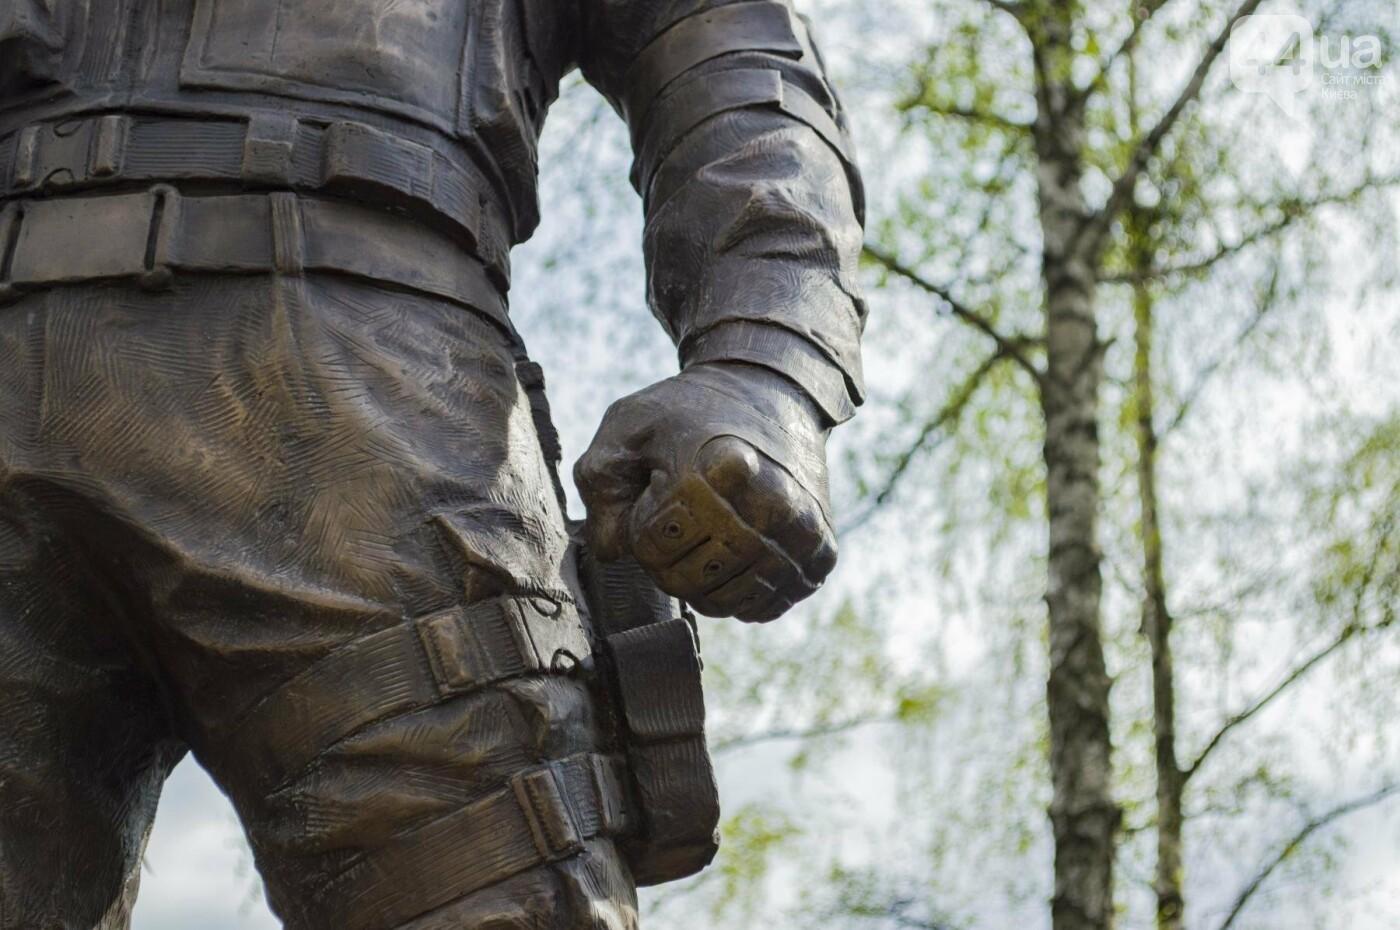 В Киеве открыли памятник погибшему бойцу АТО, фото-12